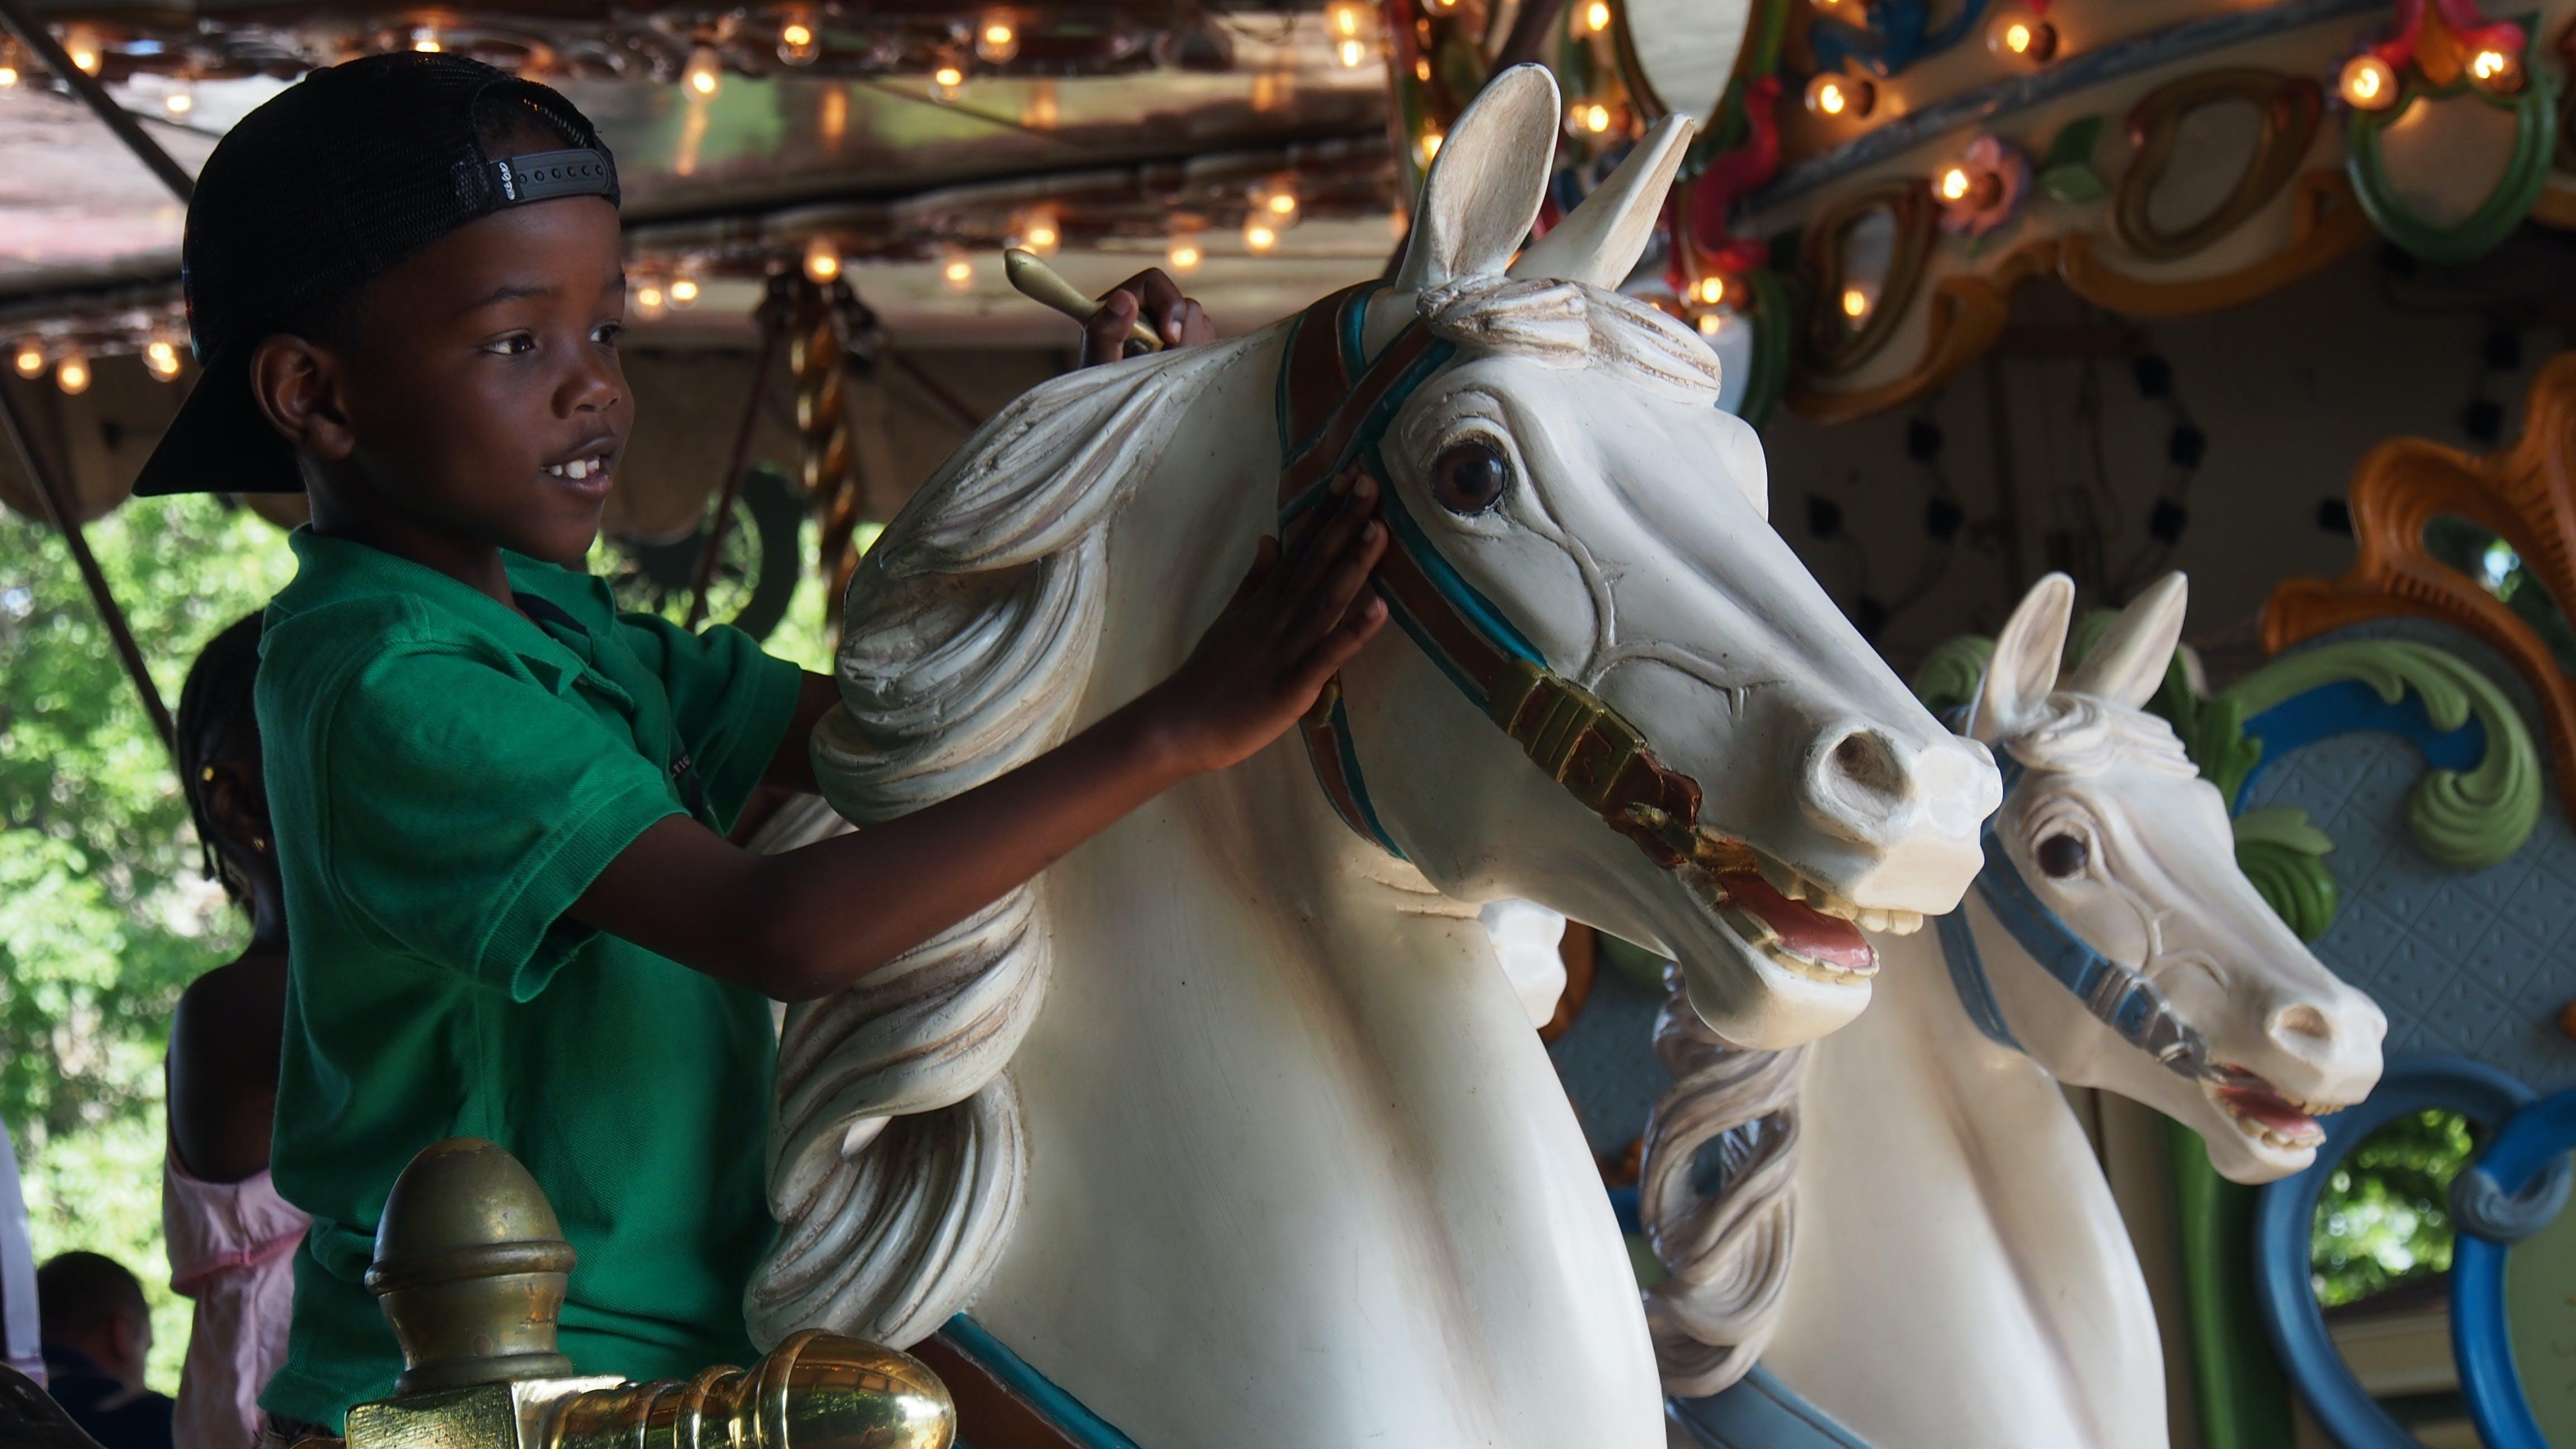 Boy Wearing Green Polo Shirt Riding Carousel